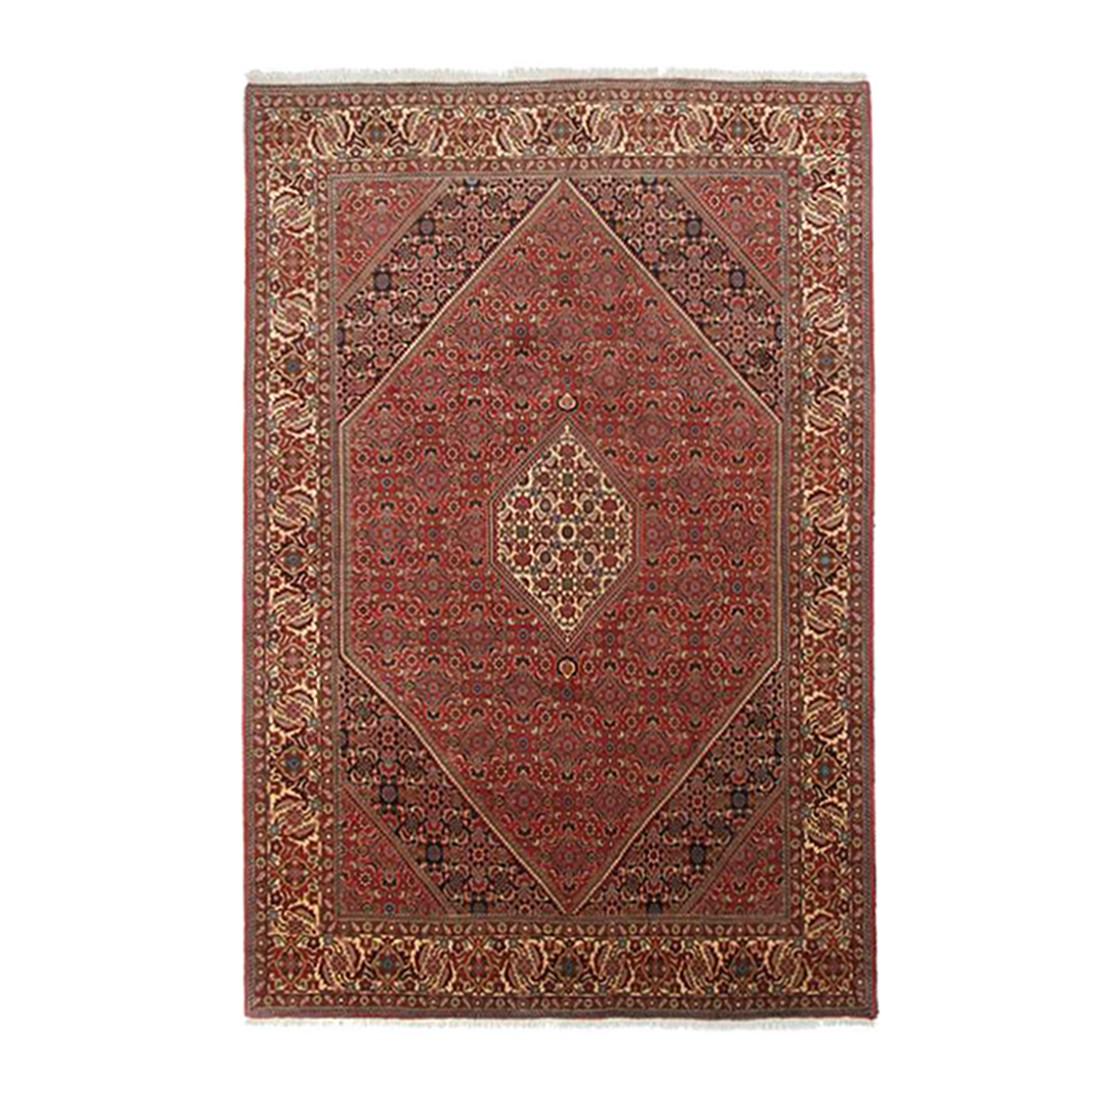 Teppich Persischer Sandjan Bidjar – Rot – 40 x 60 cm, Parwis günstig online kaufen